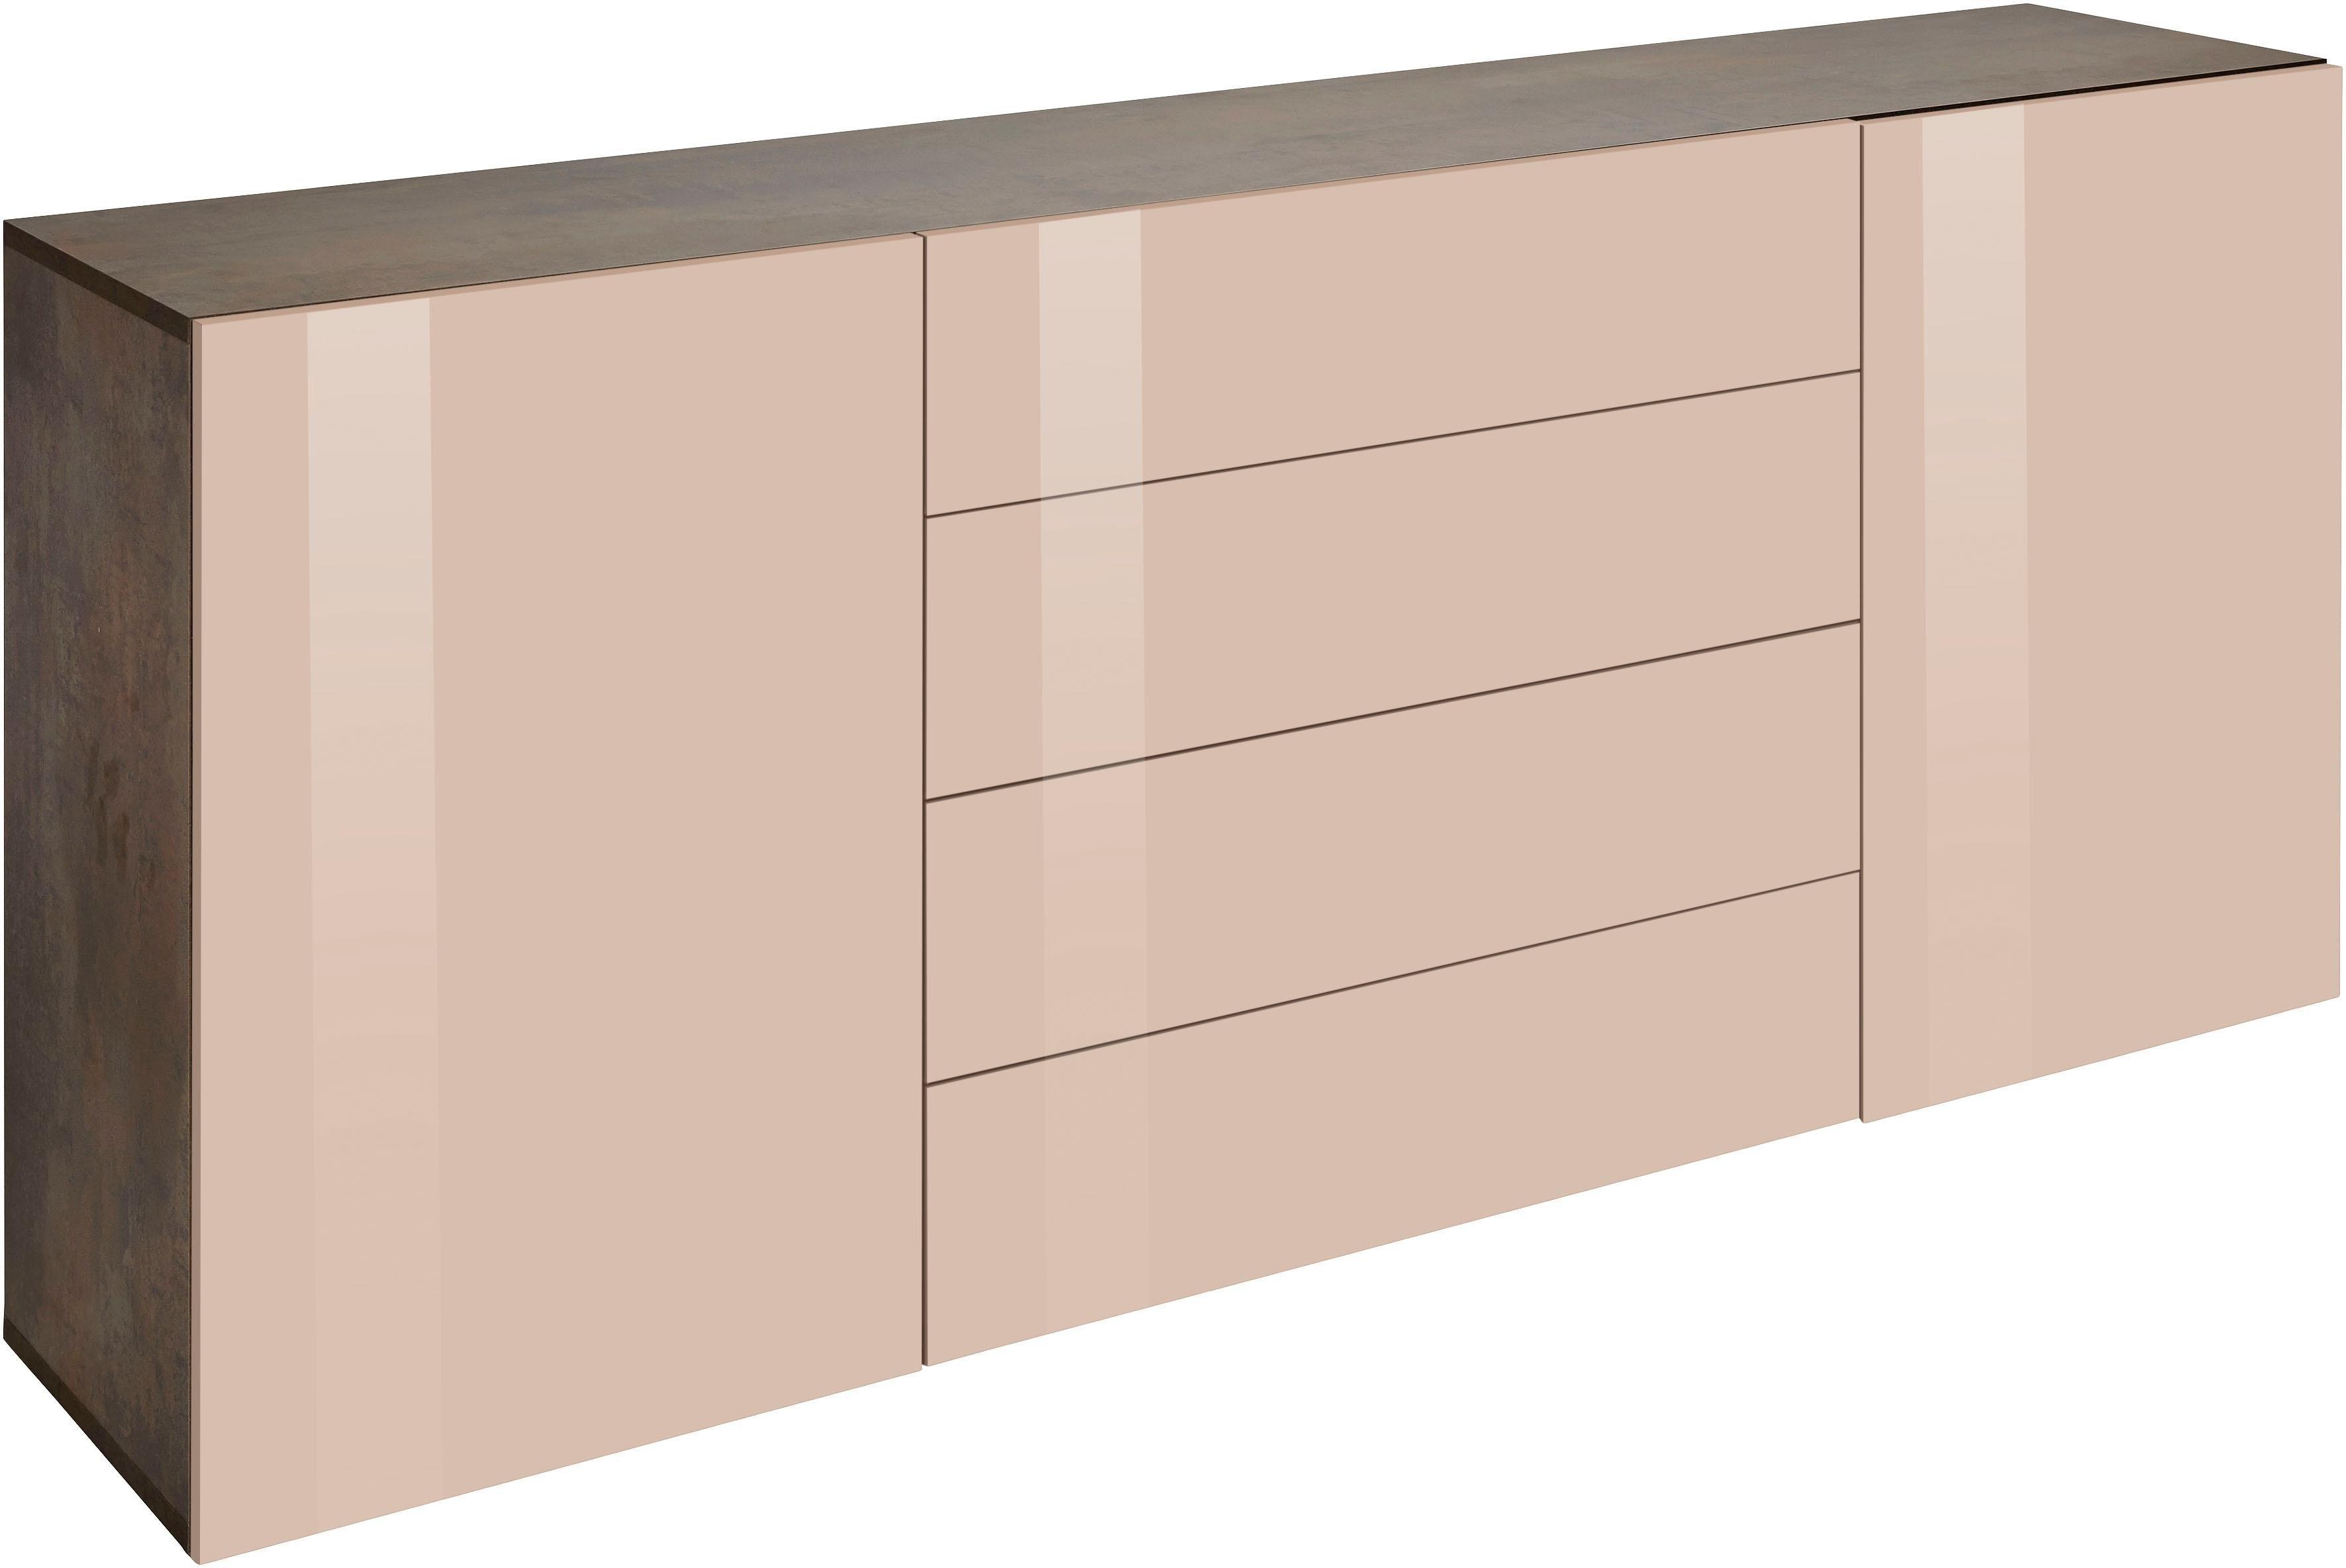 Places Of Style Sideboard breedte 166 cm bestellen: 14 dagen bedenktijd